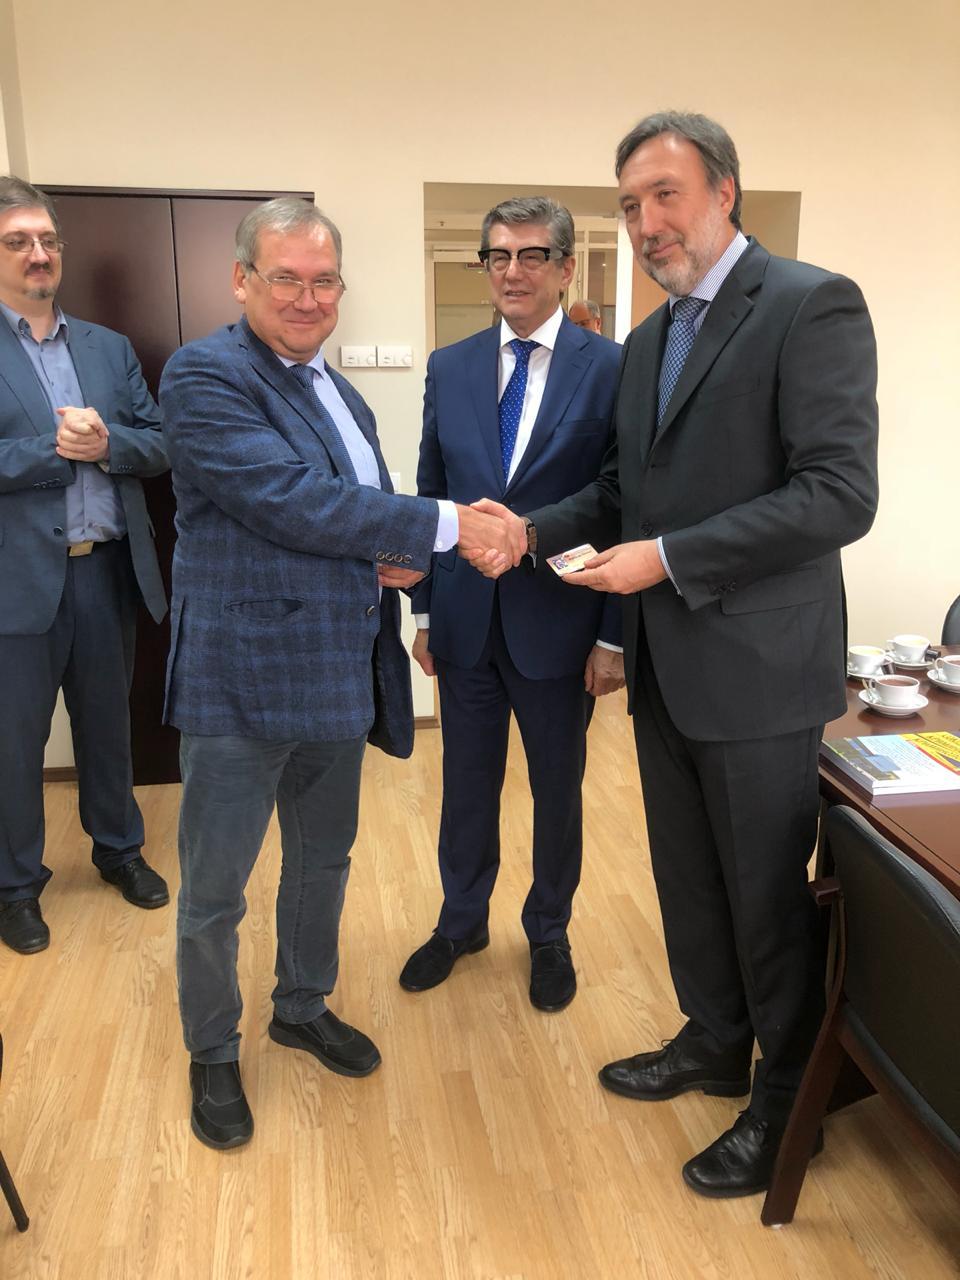 Мацкевич И.М. вручает членский билет Марко де Паолису